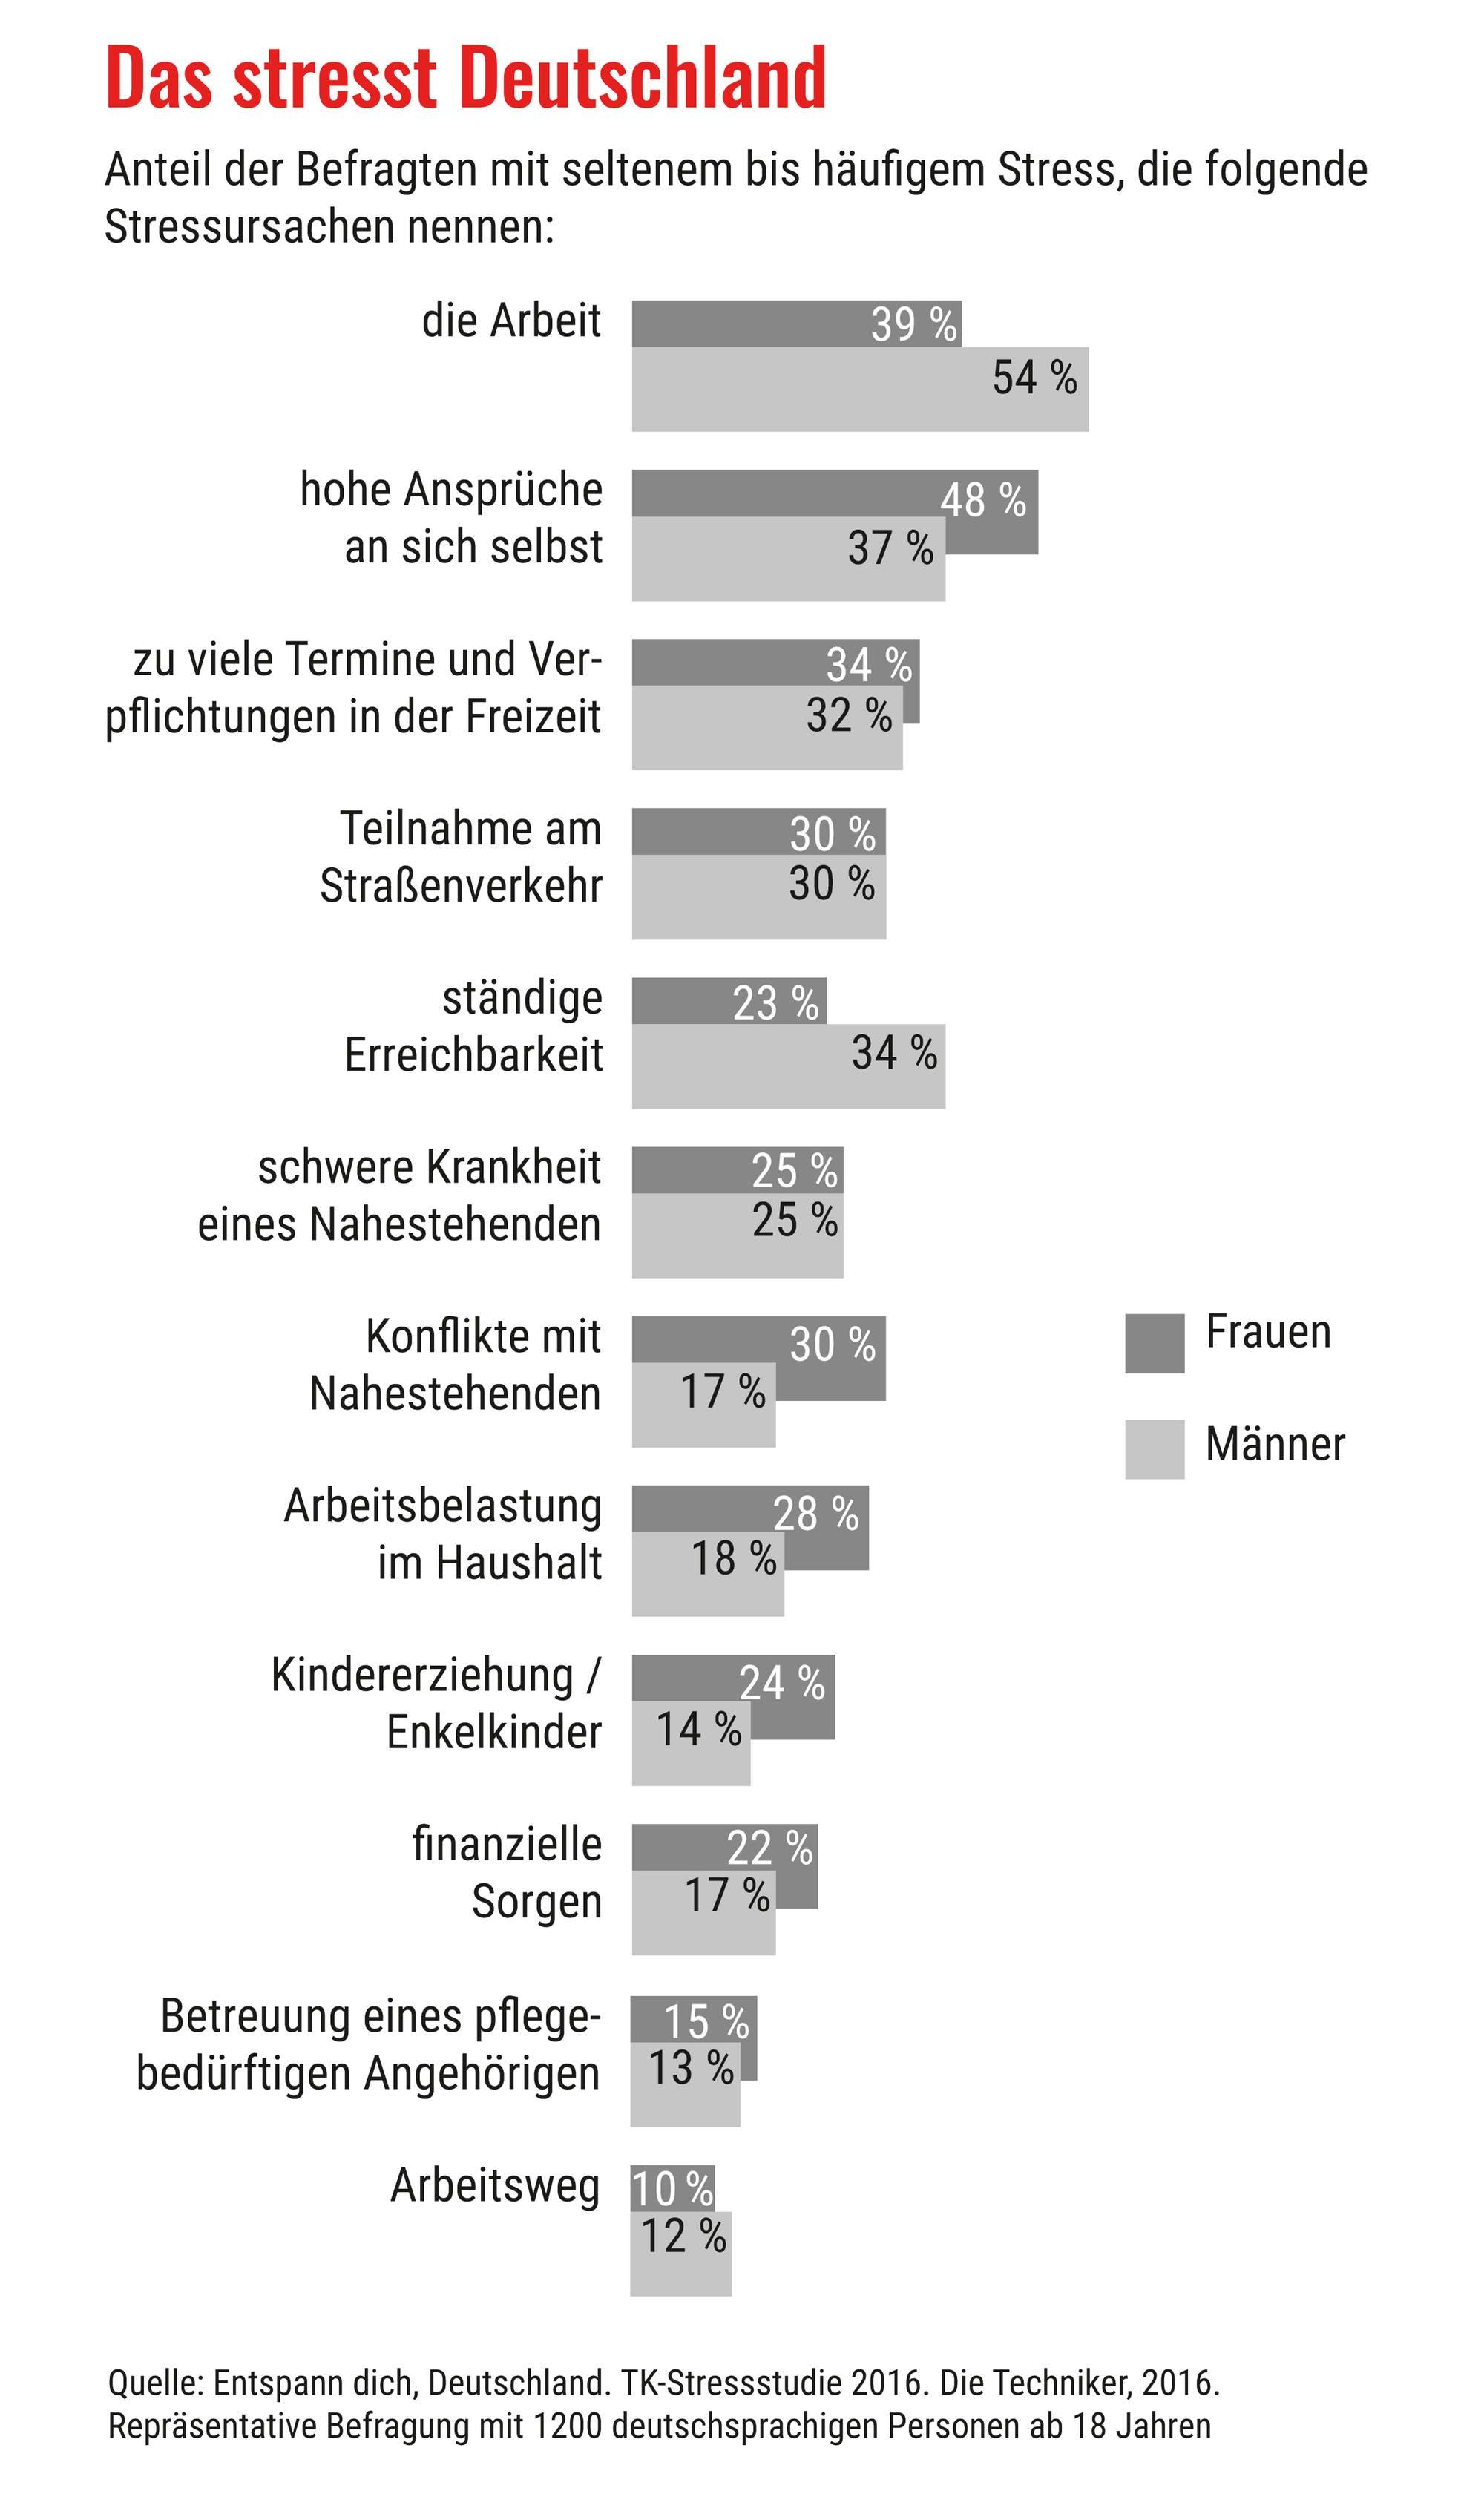 Das stresst Deutschland am meisten